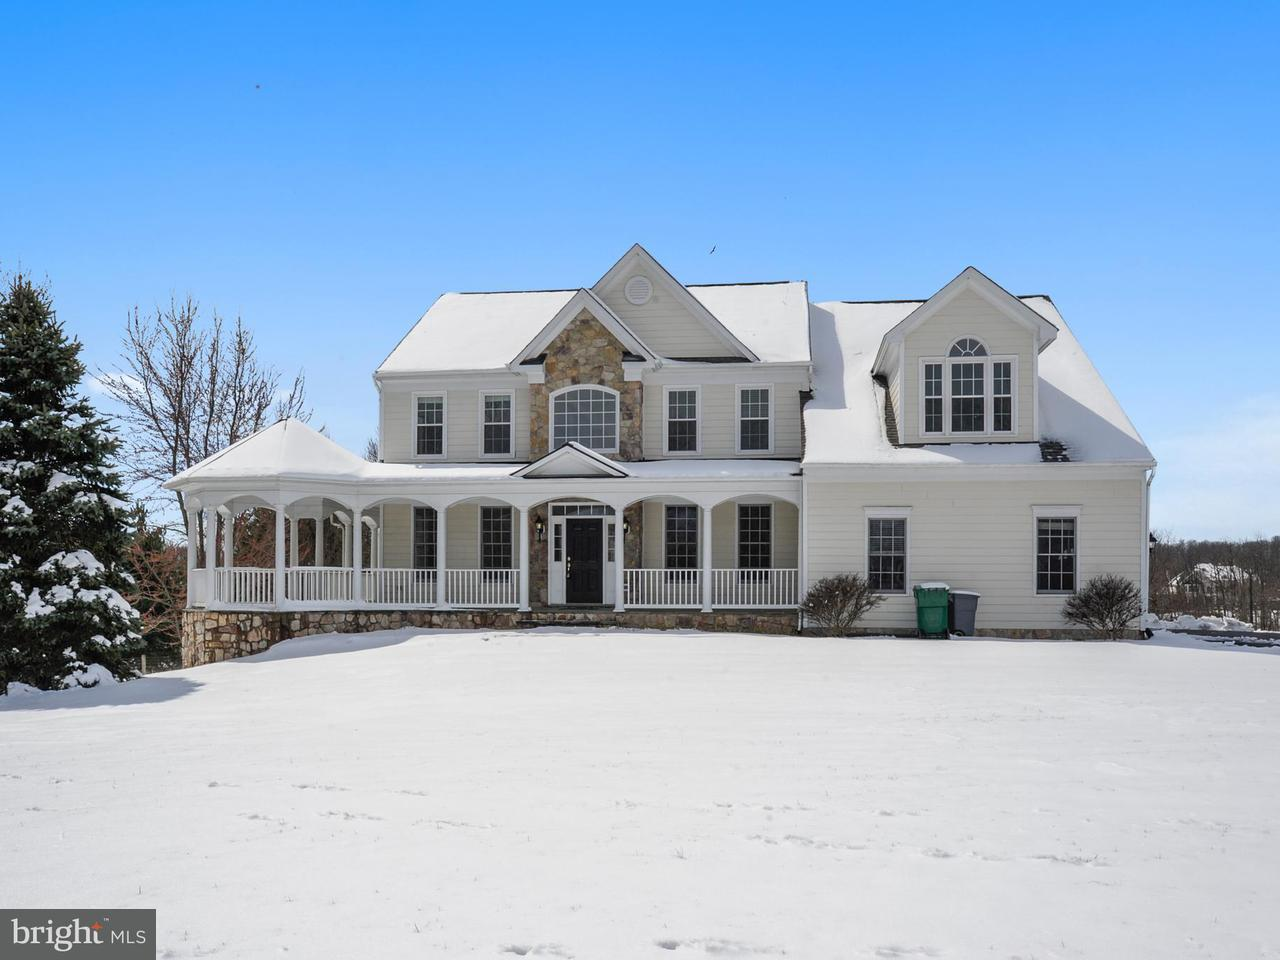 独户住宅 为 销售 在 16777 Old Waterford Road 16777 Old Waterford Road Paeonian Springs, 弗吉尼亚州 20129 美国